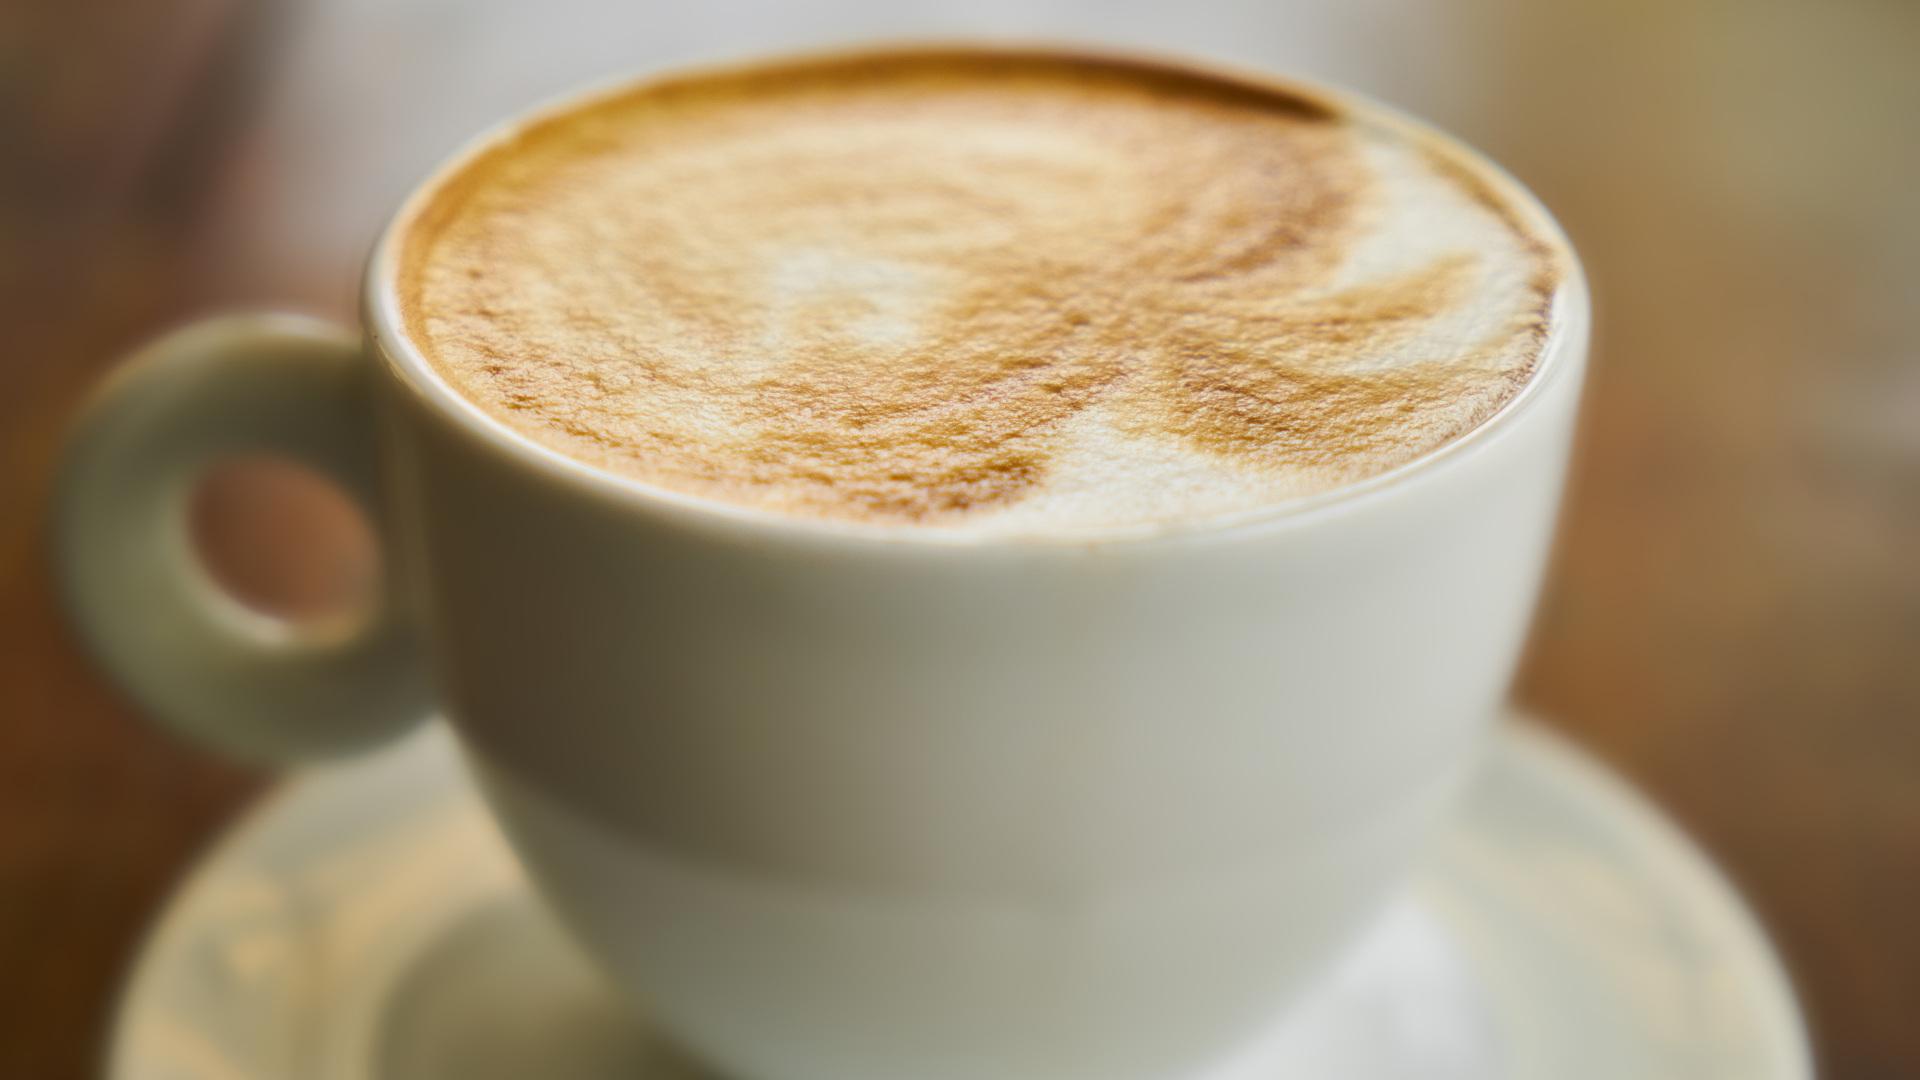 el-cafe-tambien-para-proteger-la-vista-1920